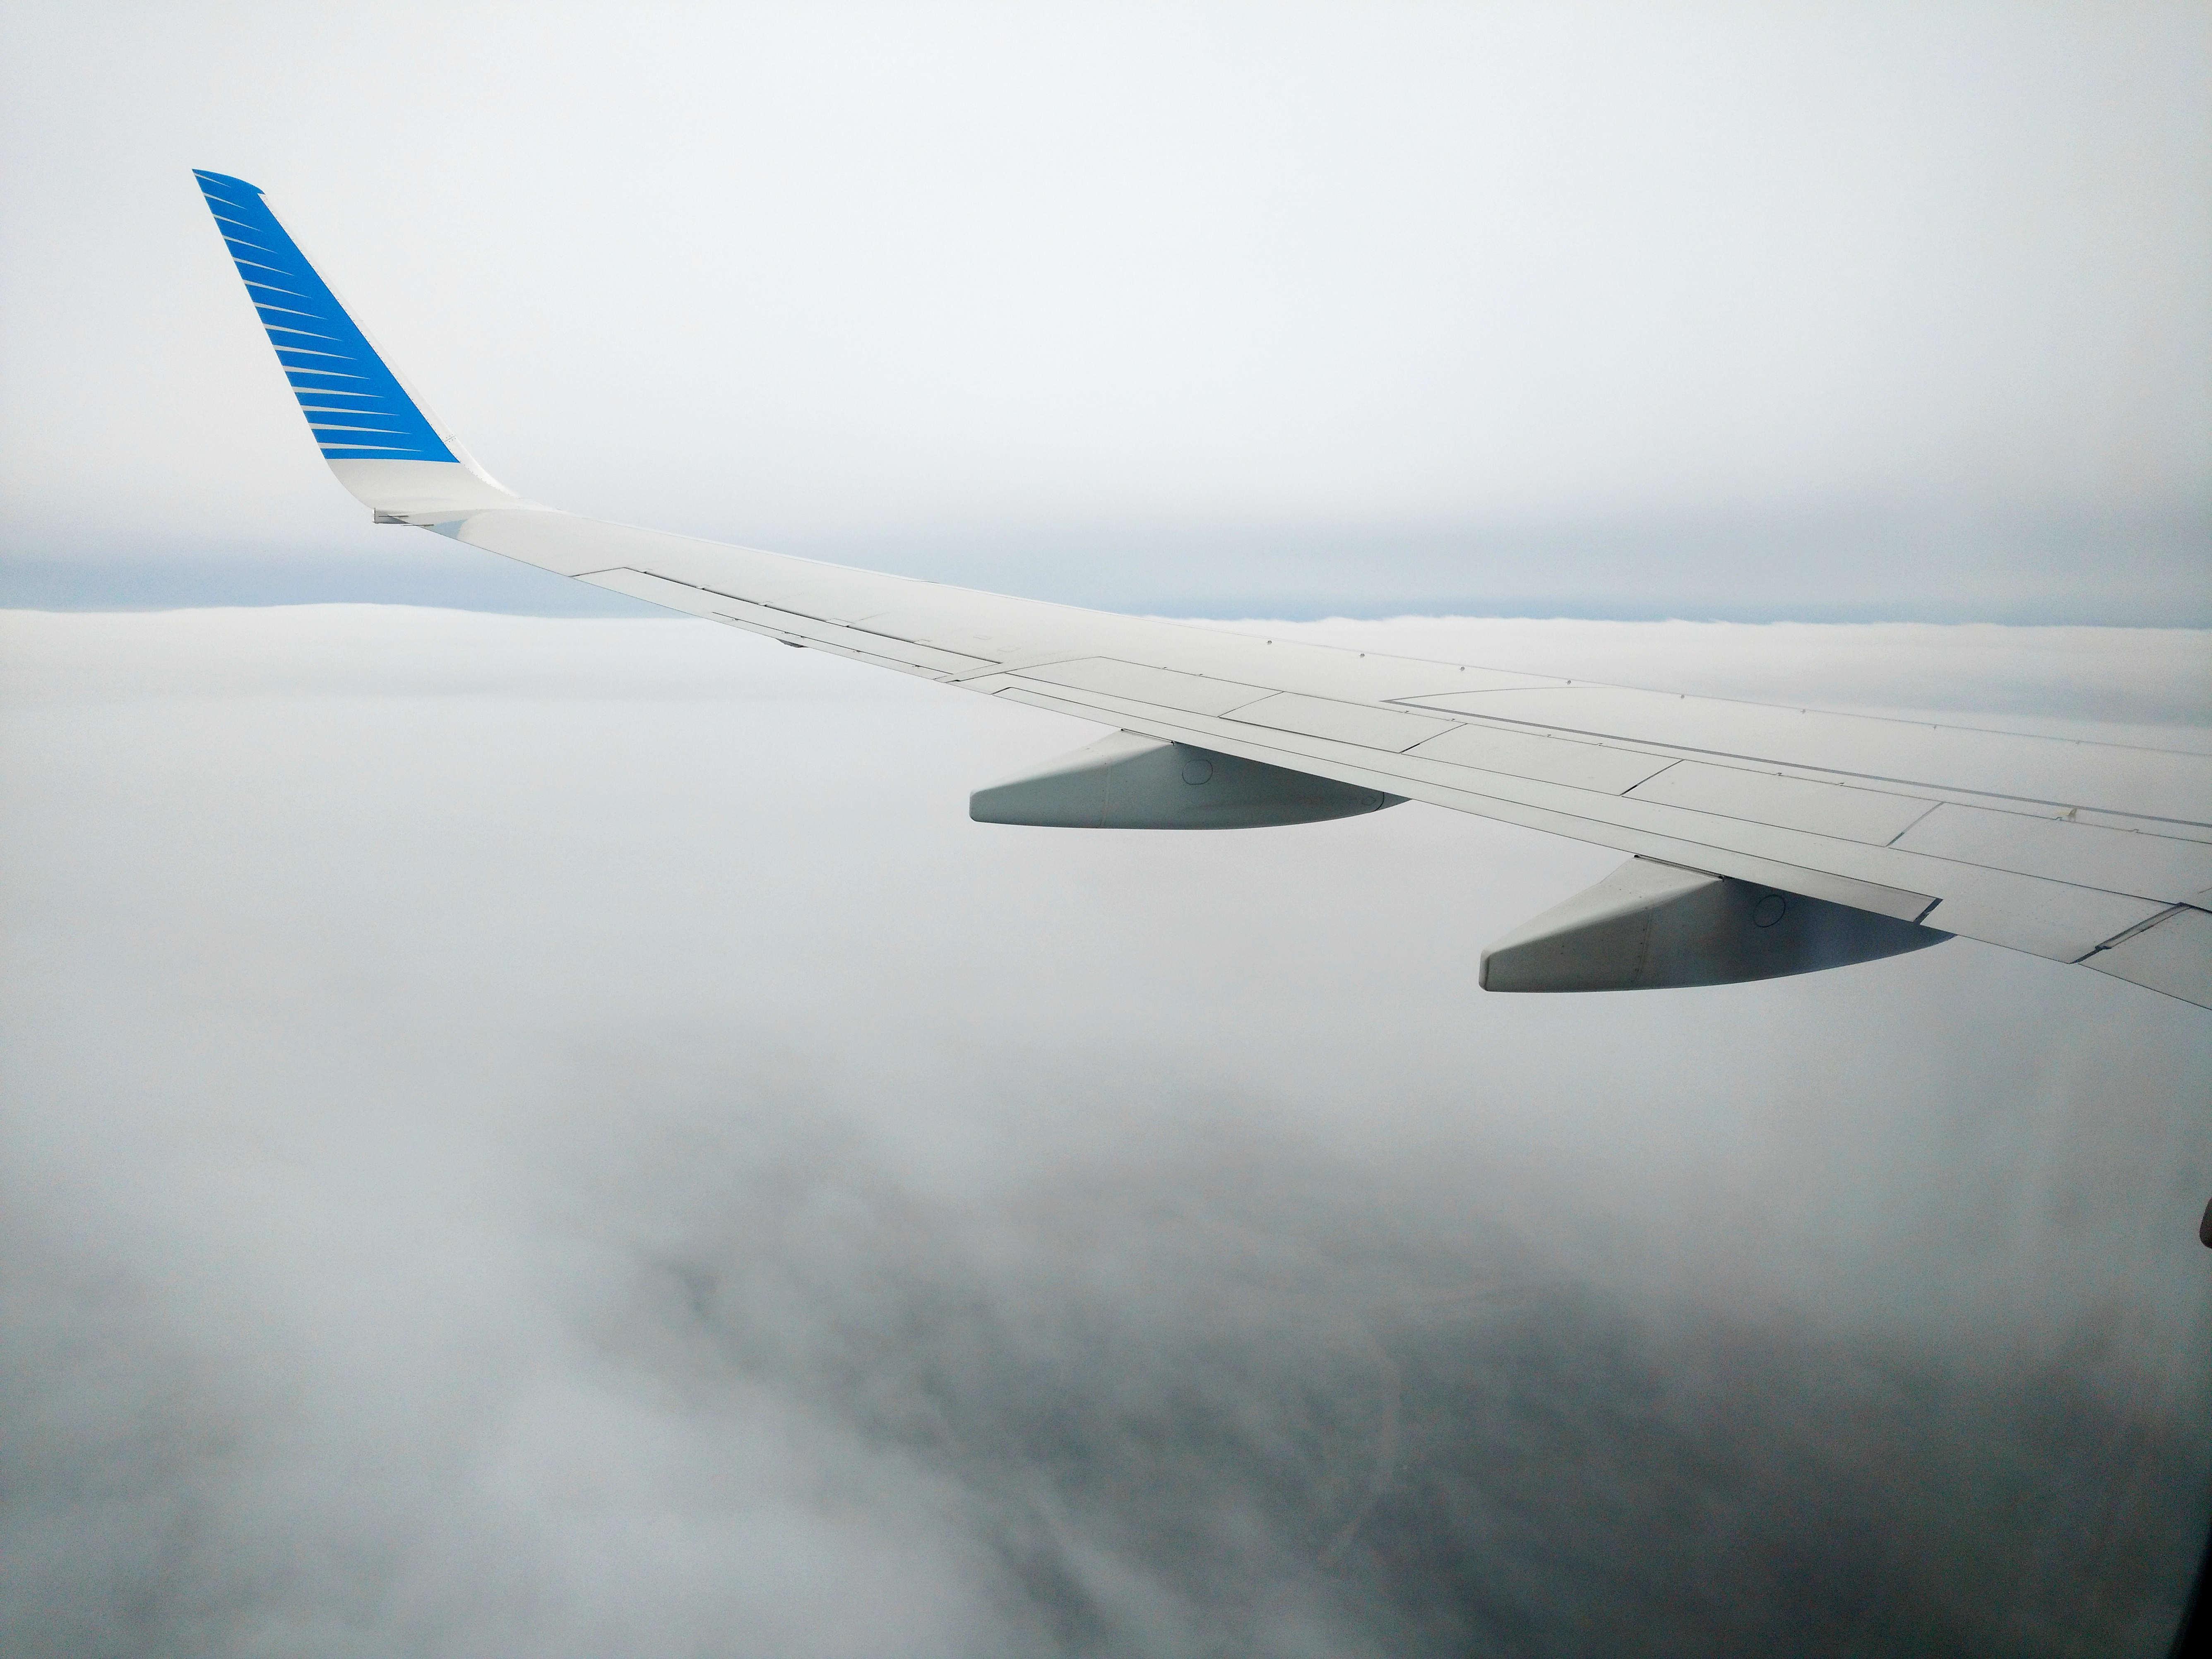 ala-de-avion